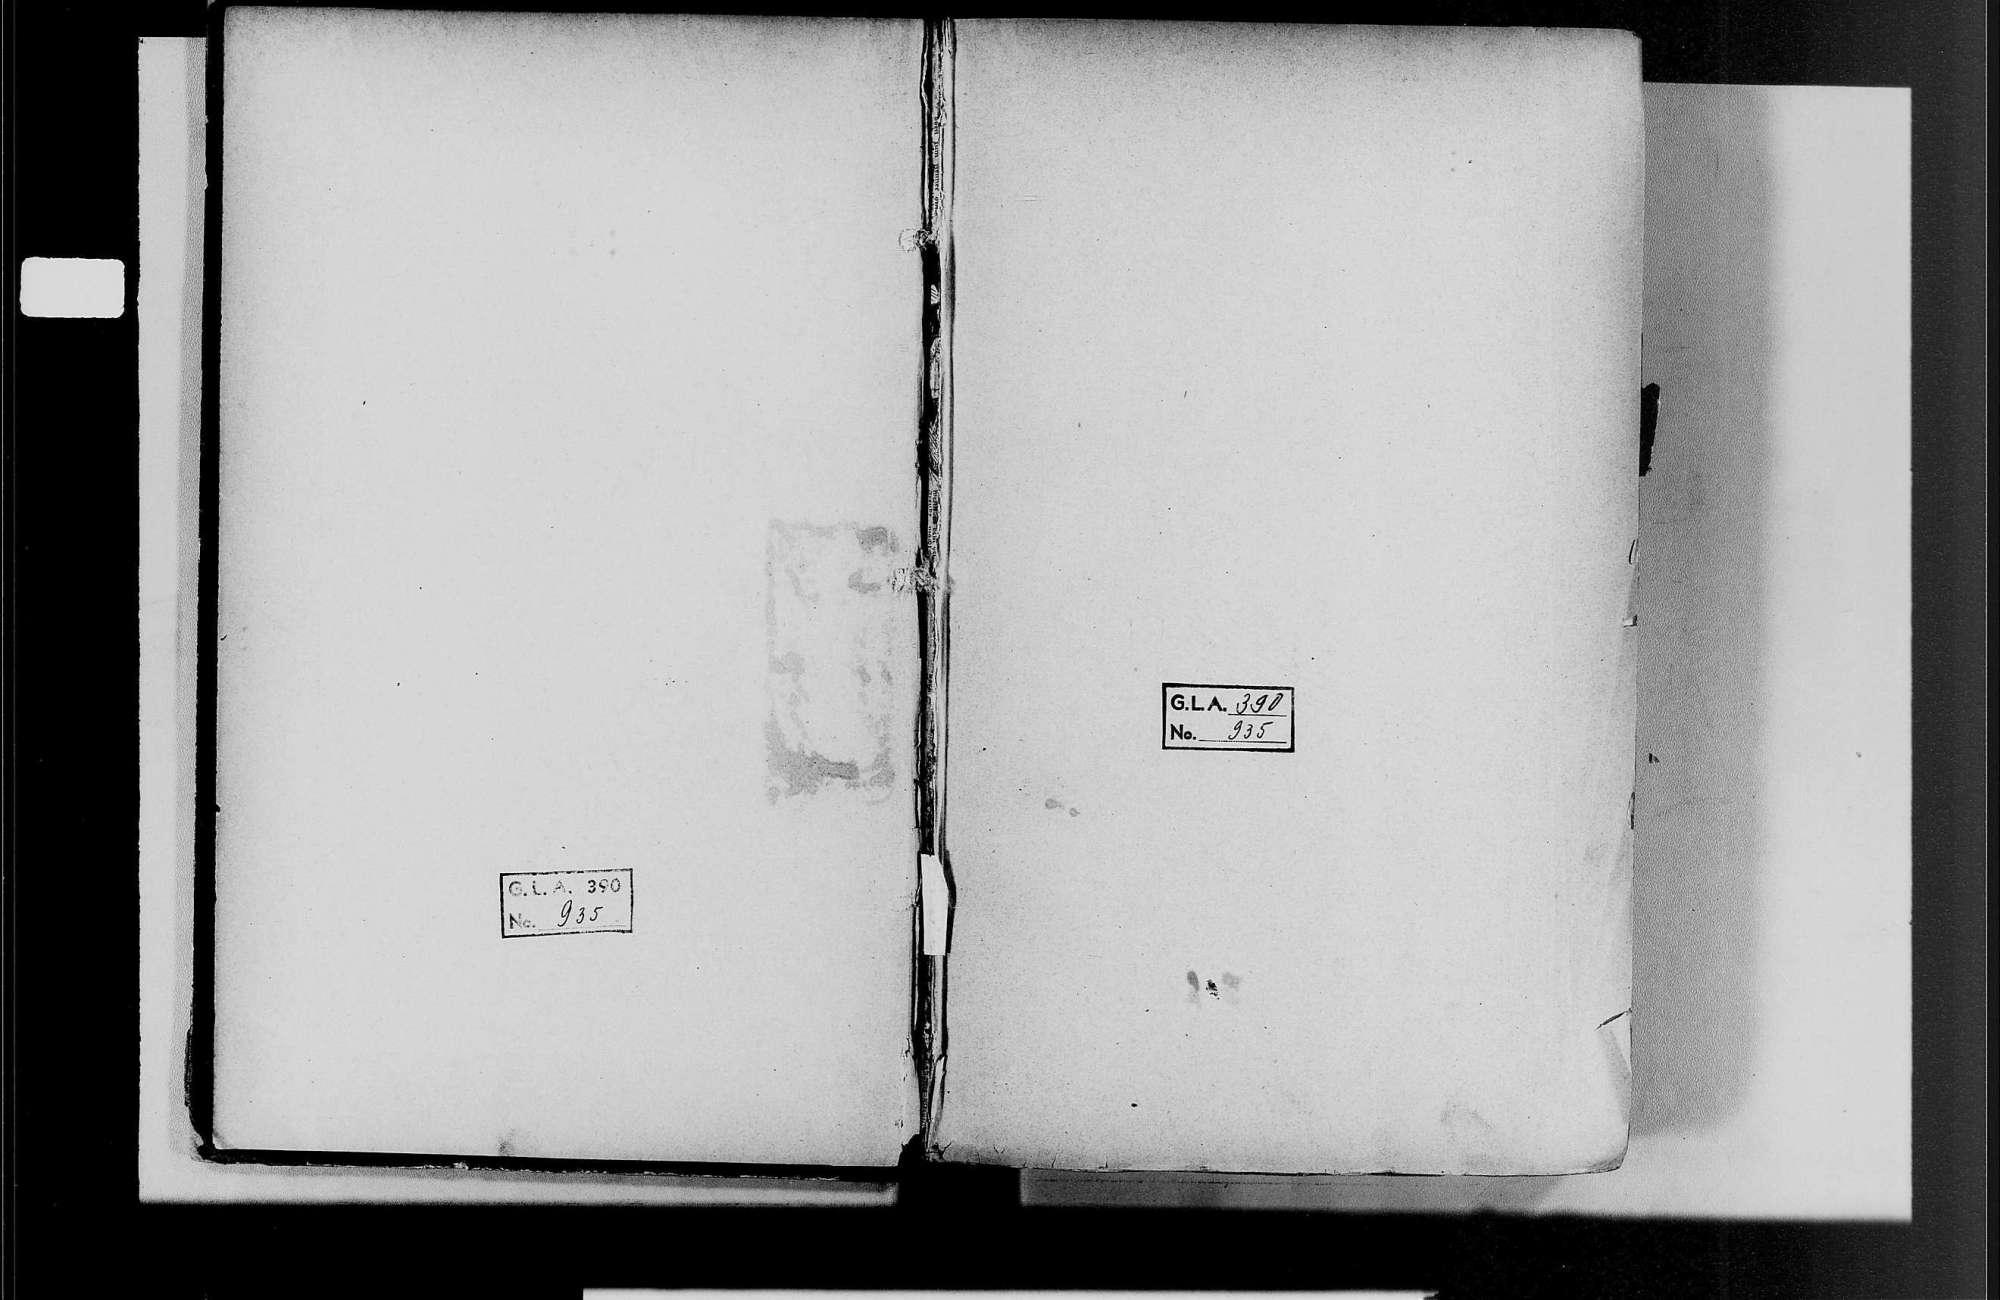 Vimbuch, katholische Gemeinde: Heirats- und Sterbebuch 1810-1870, Bild 2